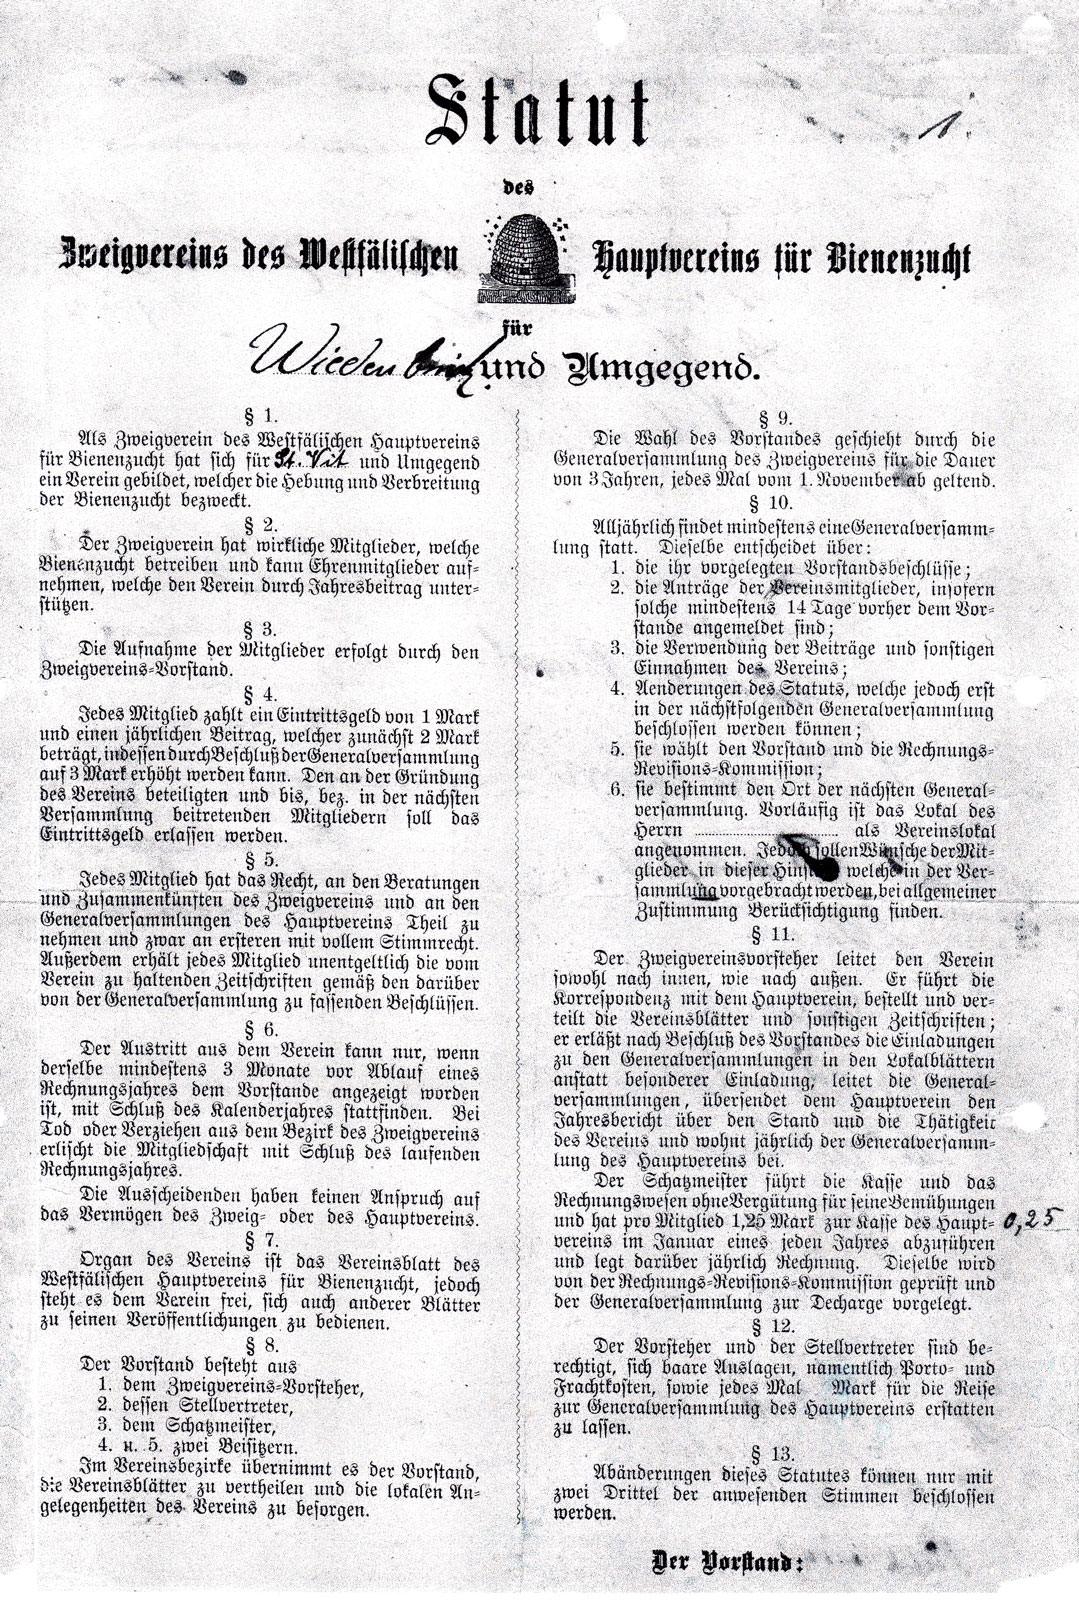 Statut Imkerverein Wiedenbrück 1894